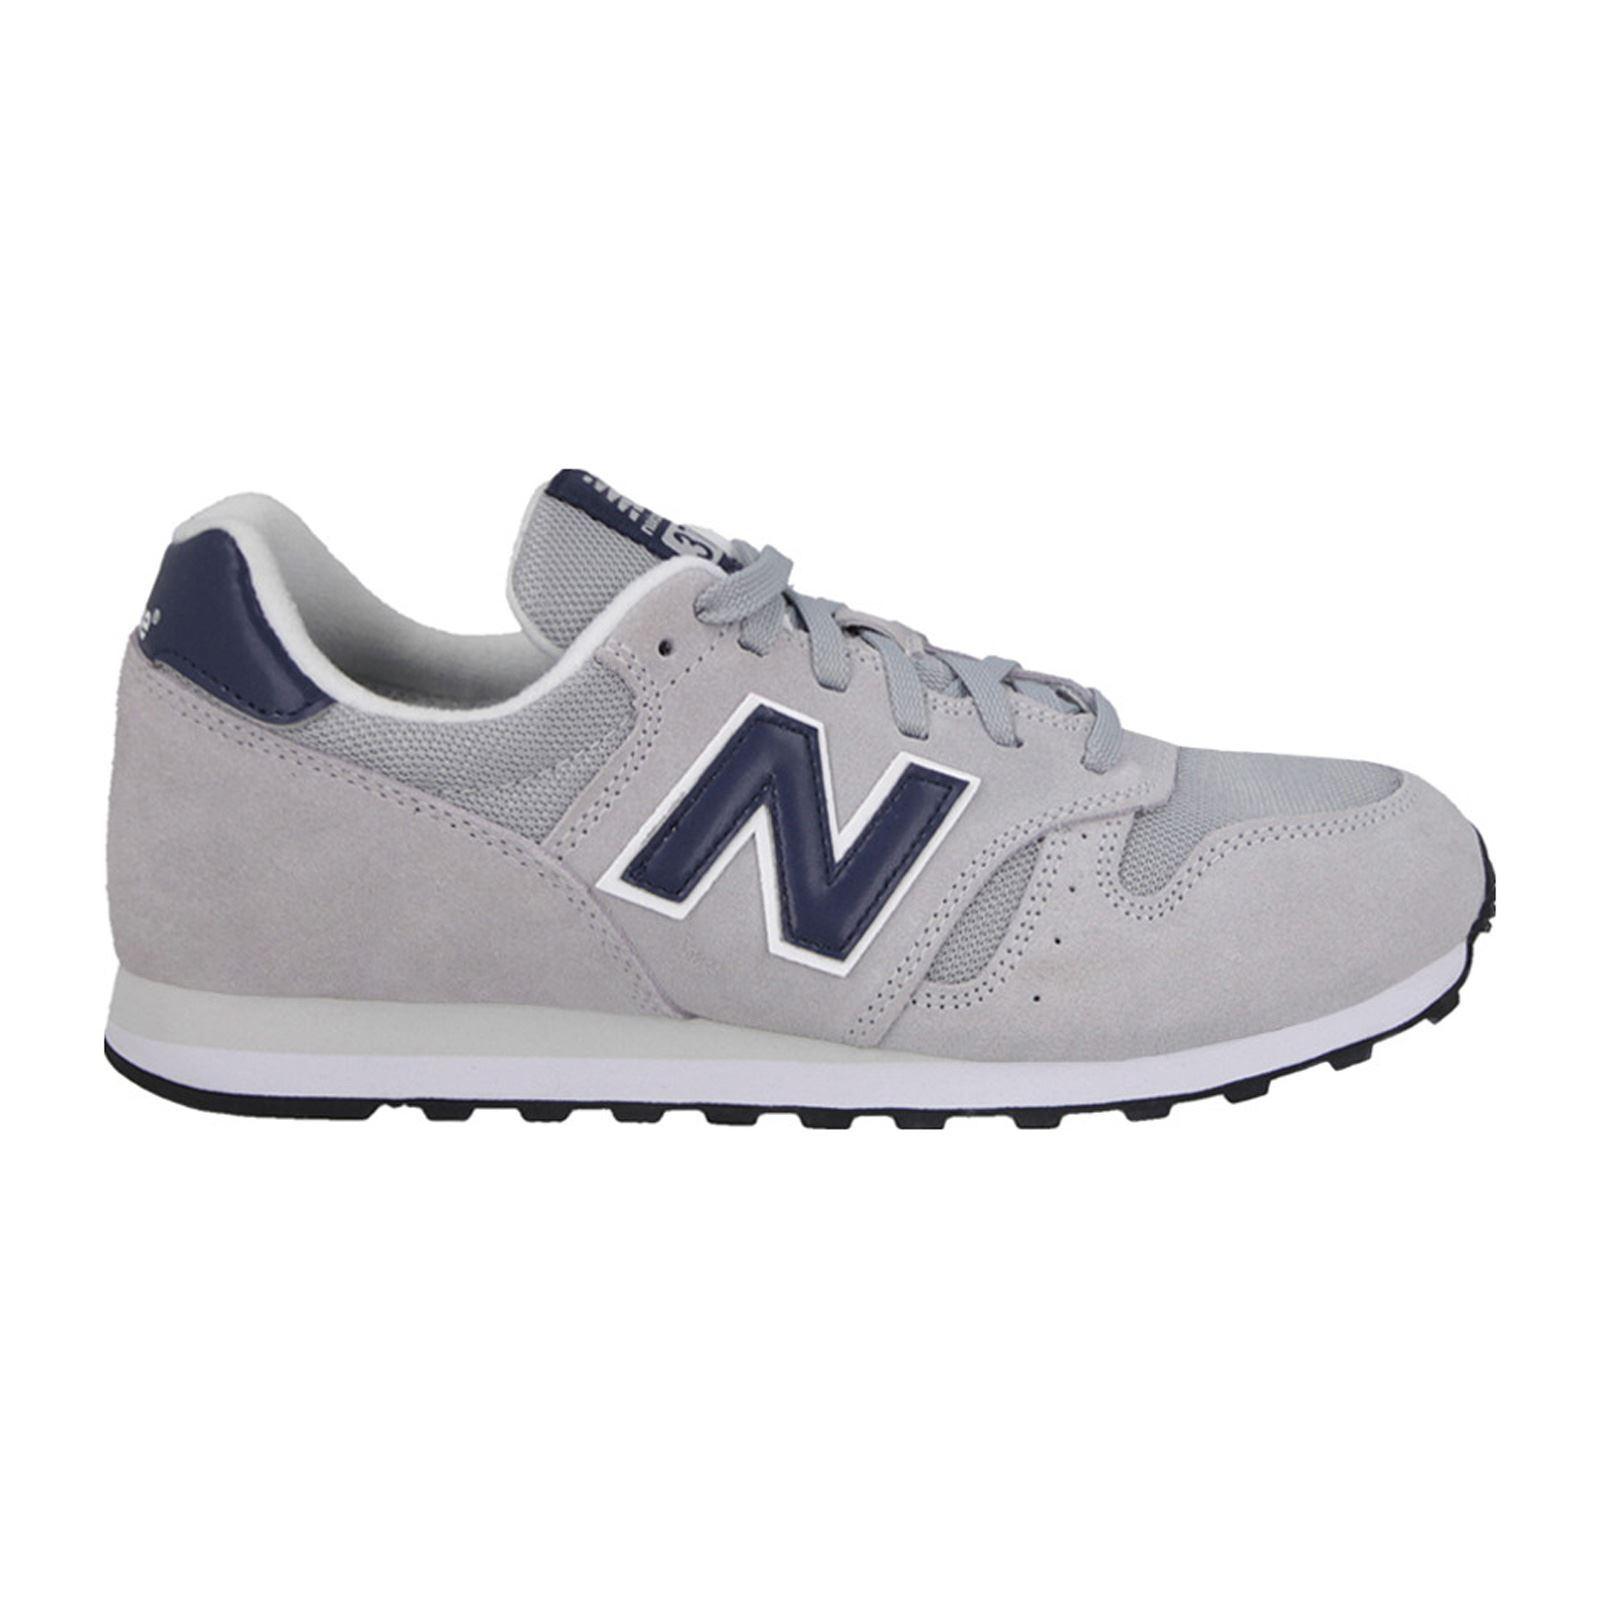 Chaussures New Balance en cuir bi-matière - Gris